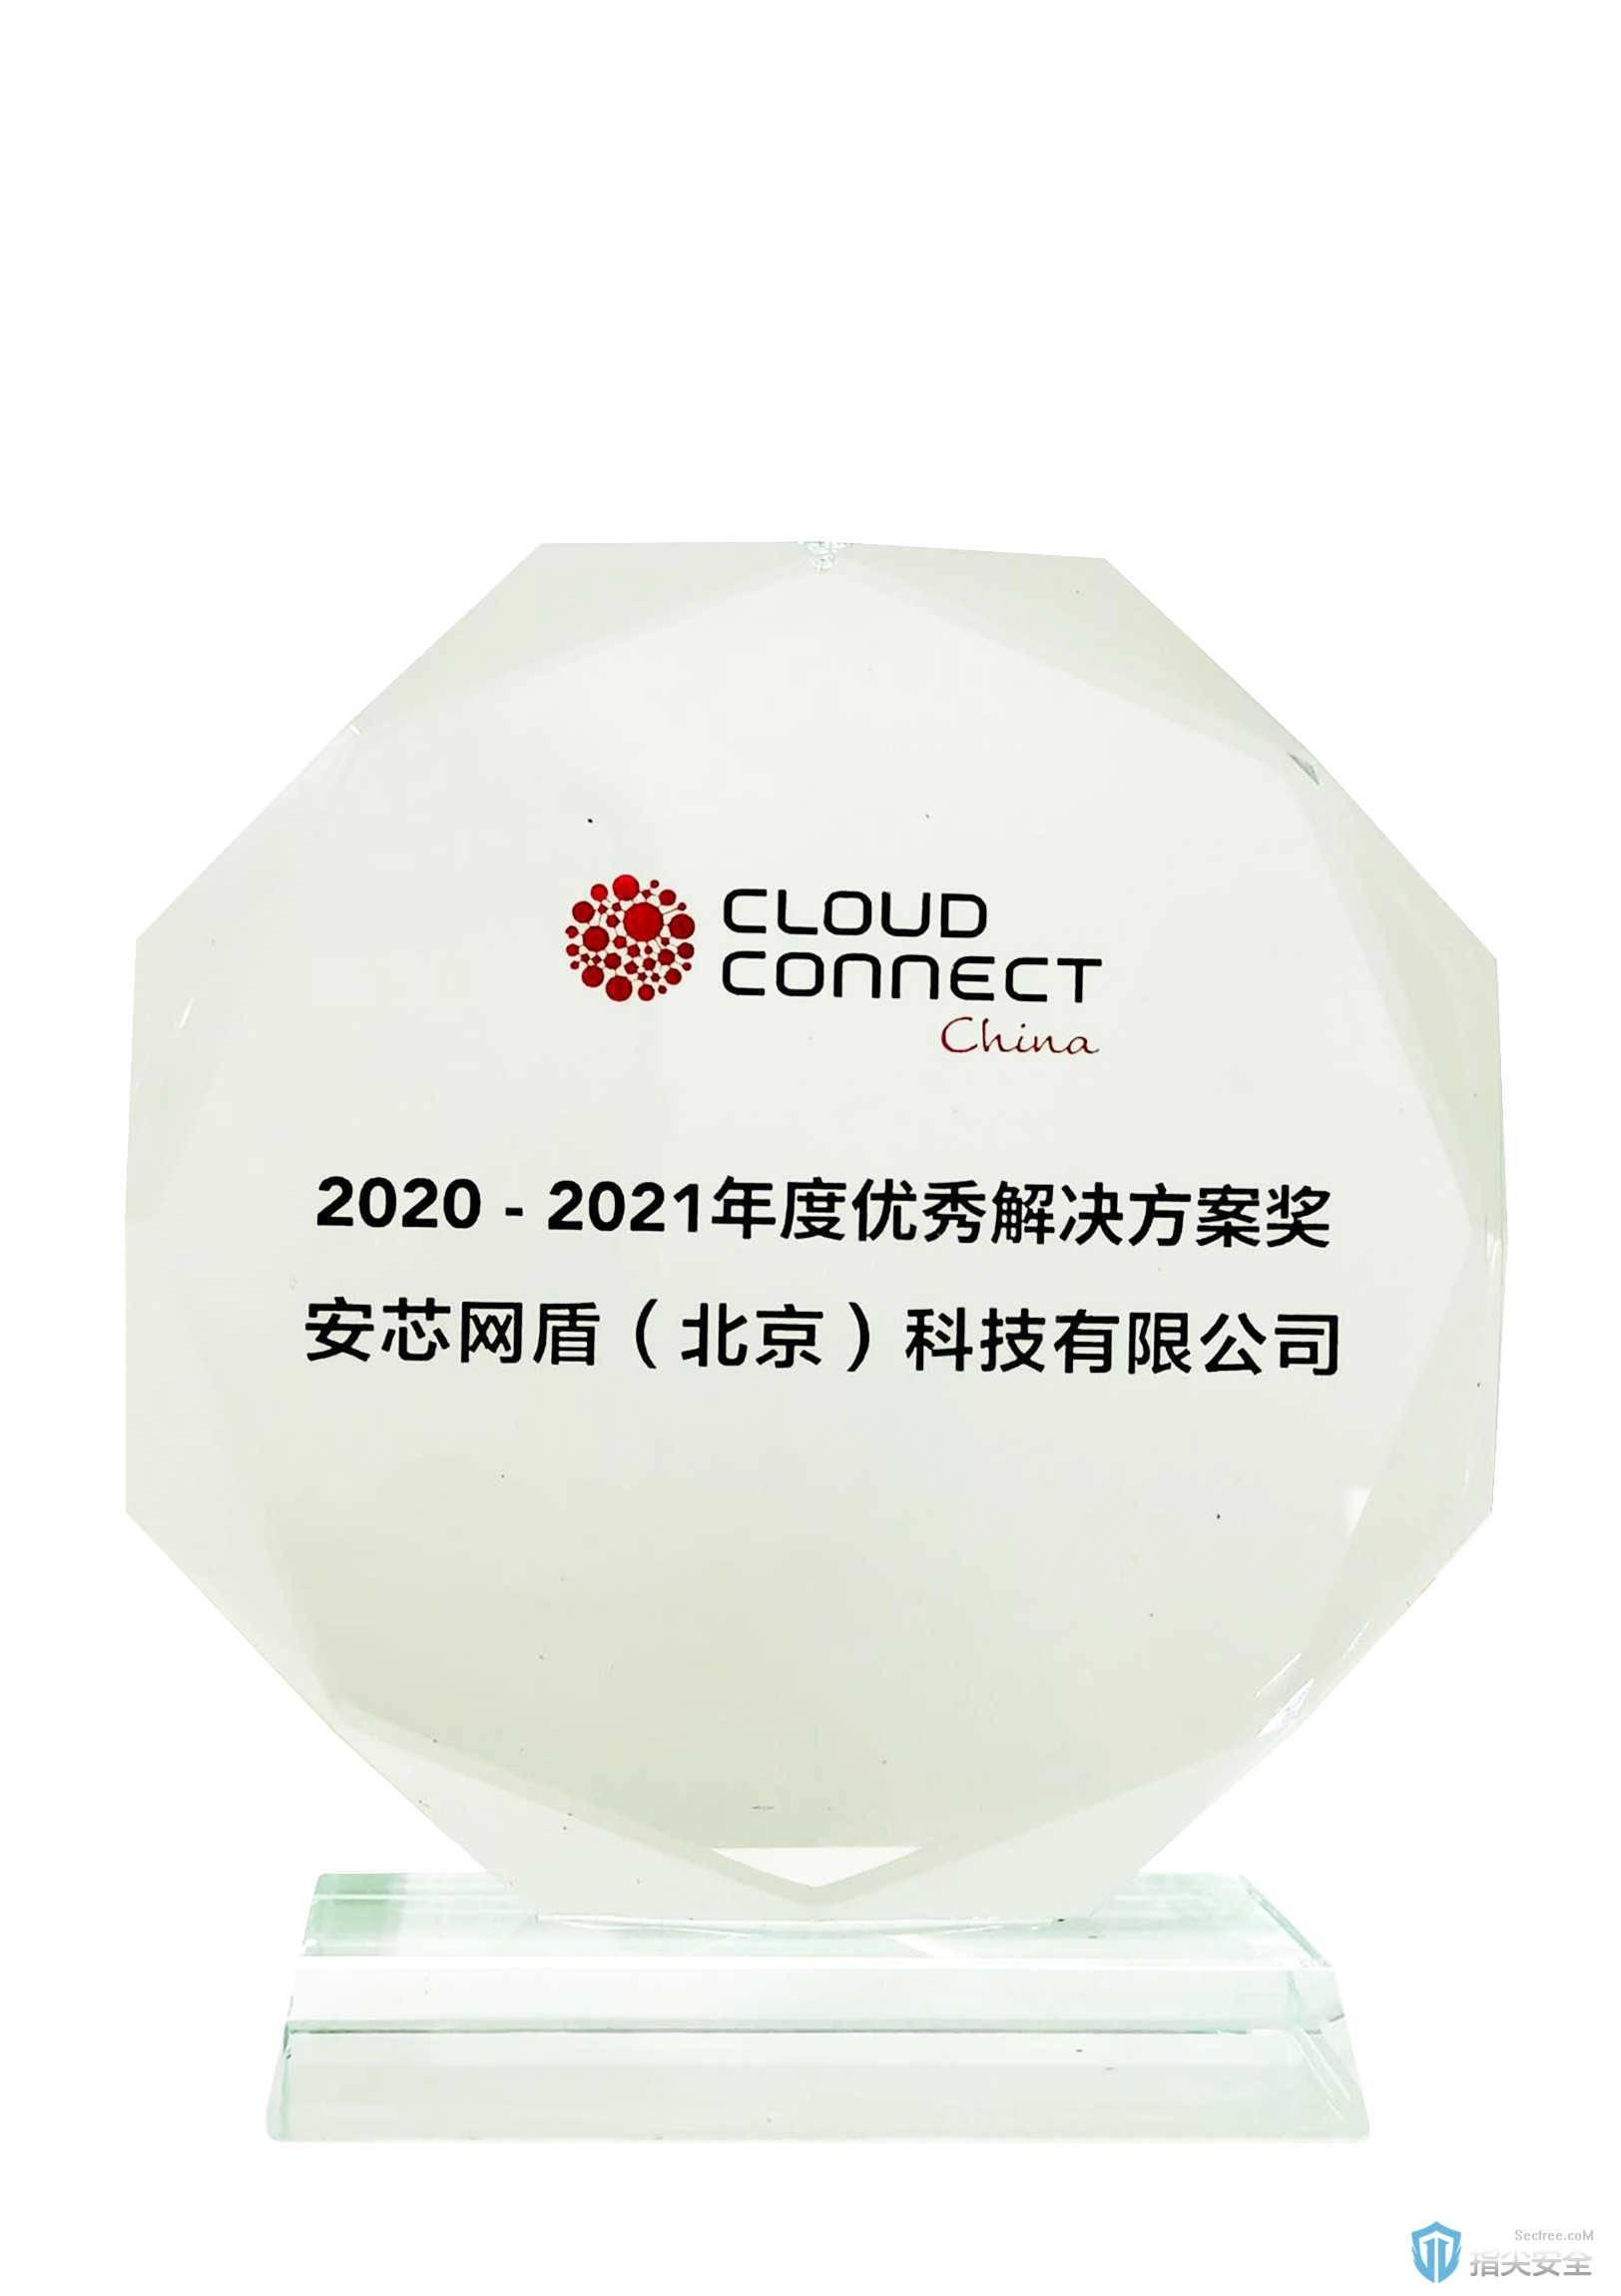 又获奖了,安芯网盾喜获第九届全球云计算大会两项大奖